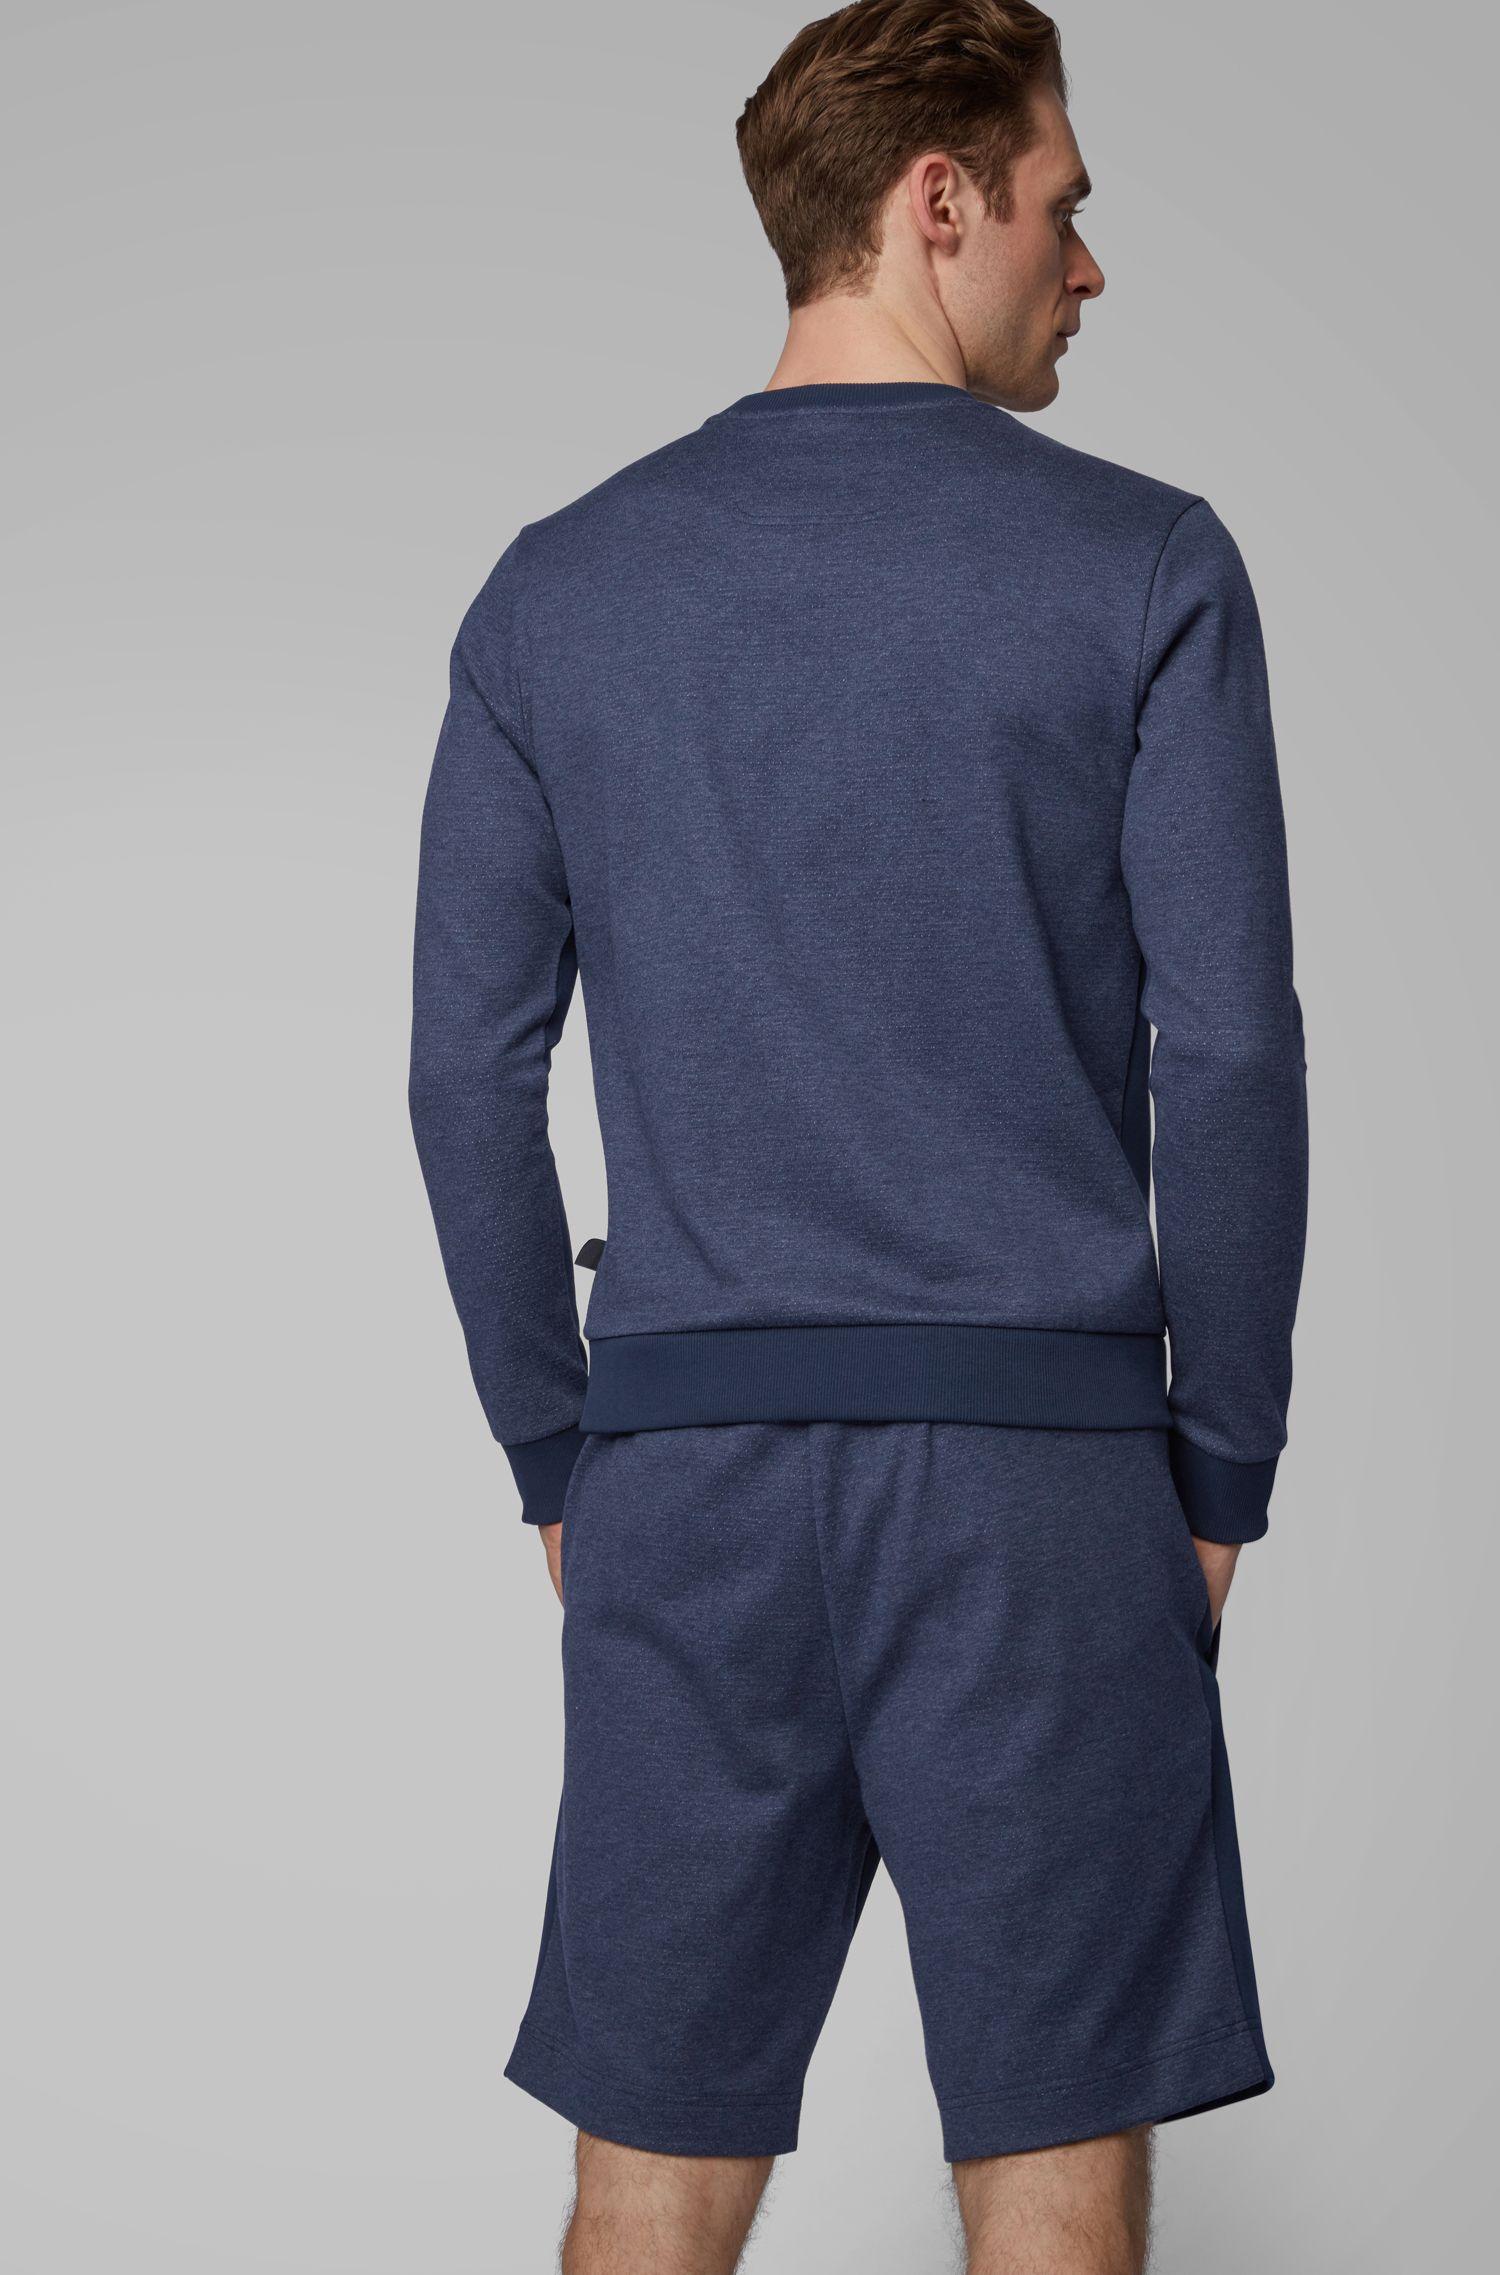 Slim-Fit Sweatshirt aus verschiedenen Geweben mit geschwungenem Logo, Dunkelblau